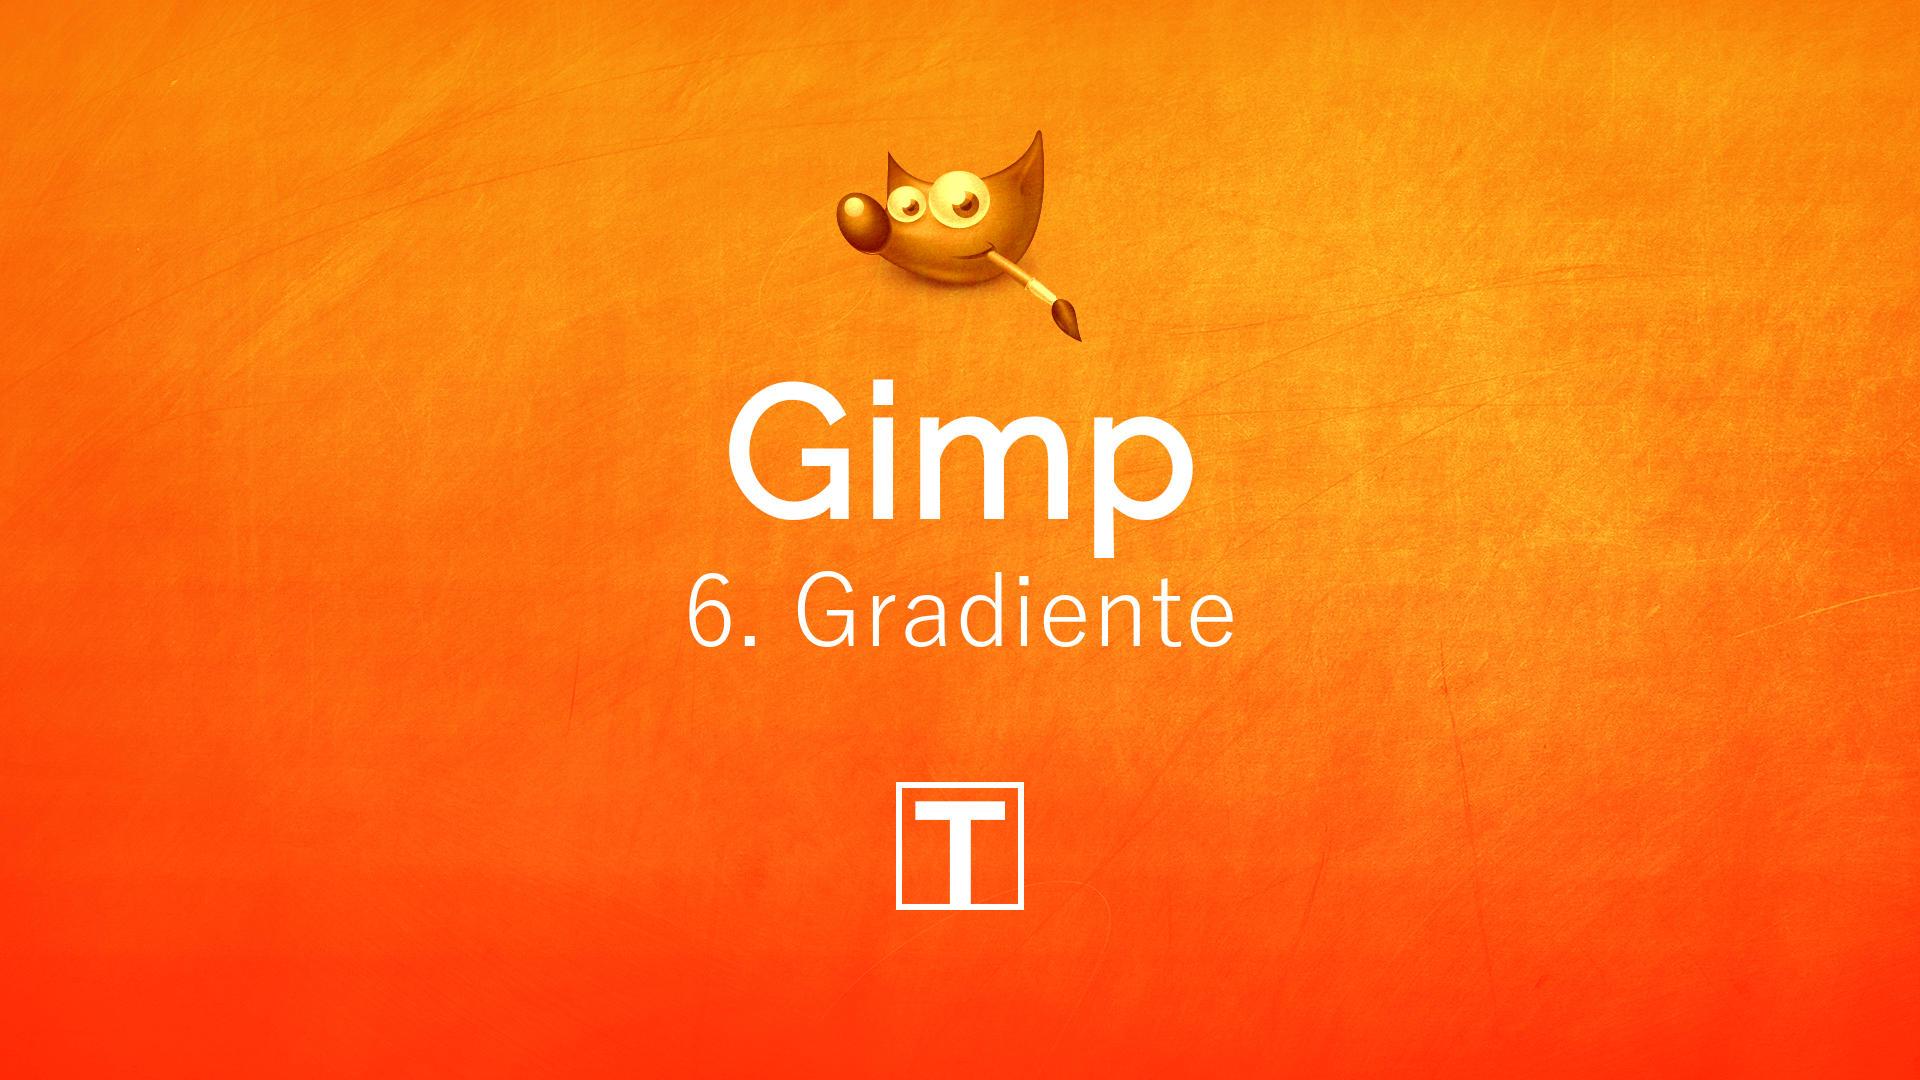 Curso sobre Gimp - 6. Gradientes (Transições de Cores)